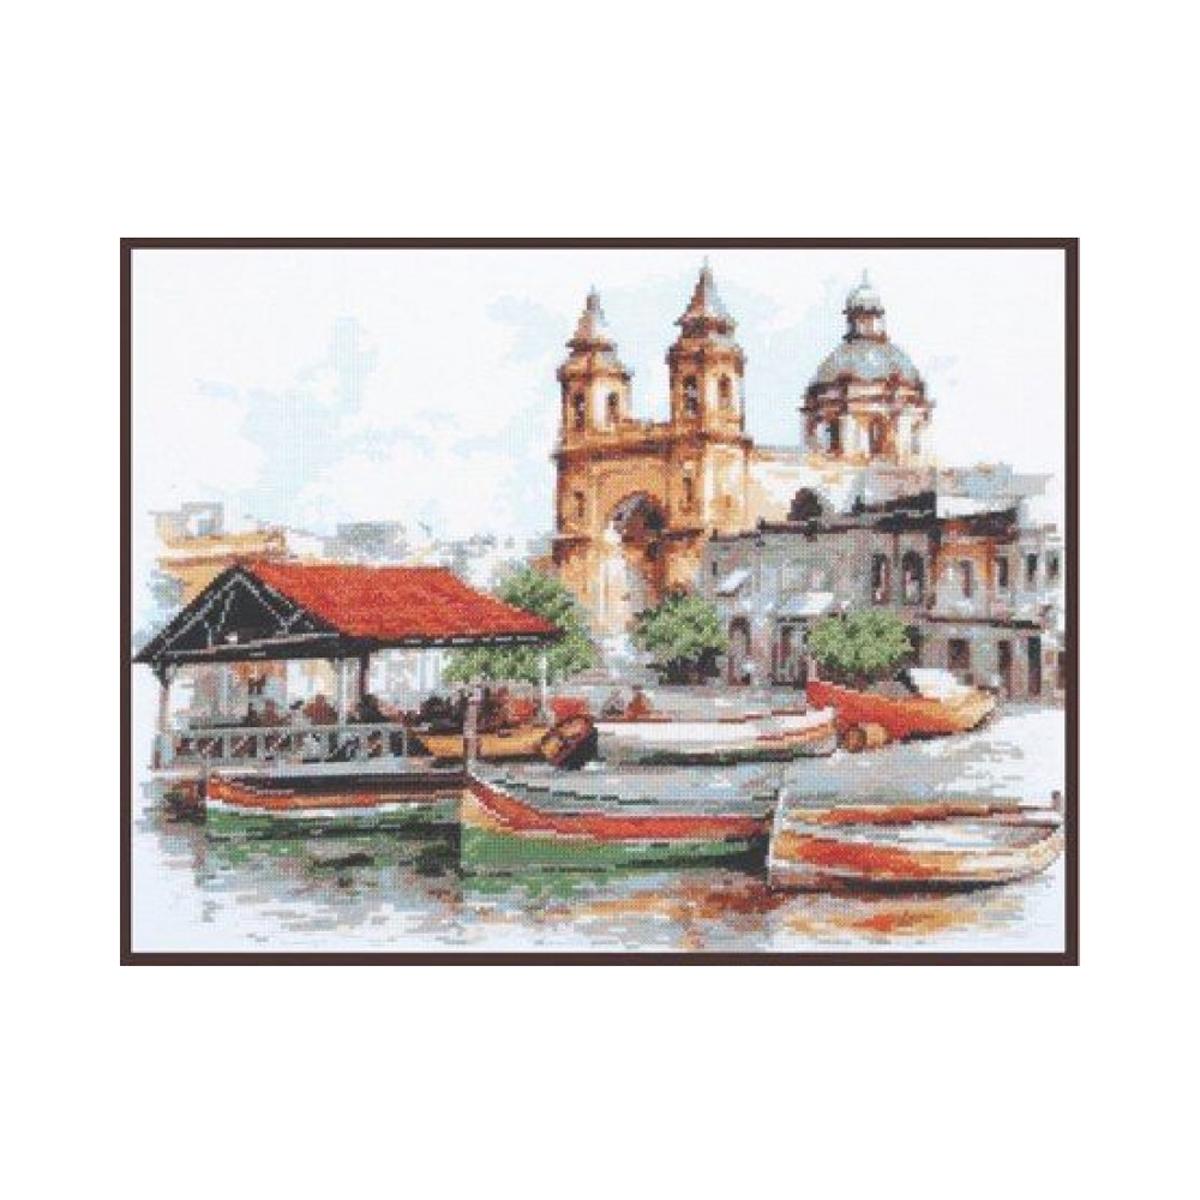 Набор для вышивания крестом Палитра Мальта, 39 x 30 см488054Набор для вышивания Палитра Мальта поможет создать красивую вышитую картину. Рисунок-вышивка, выполненный на канве, выглядит стильно и модно. Вышивание отвлечет вас от повседневных забот и превратится в увлекательное занятие! Работа, сделанная своими руками, не только украсит интерьер дома, придав ему уют и оригинальность, но и будет отличным подарком для друзей и близких! Набор для вышивания содержит все необходимые материалы для вышивки на канве в технике счетный крест. В состав набора входит: - канва Aida Bestex №14 белого цвета, - нитки мулине ПНК им. Кирова - 24 цветов, - игла Pony, - цветная символьная схема, - подробная инструкция на русском языке. Размер канвы: 51 х 41 см. УВАЖАЕМЫЕ КЛИЕНТЫ! Обращаем ваше внимание, на тот факт, что рамка в комплект не входит, а служит для визуального восприятия товара.